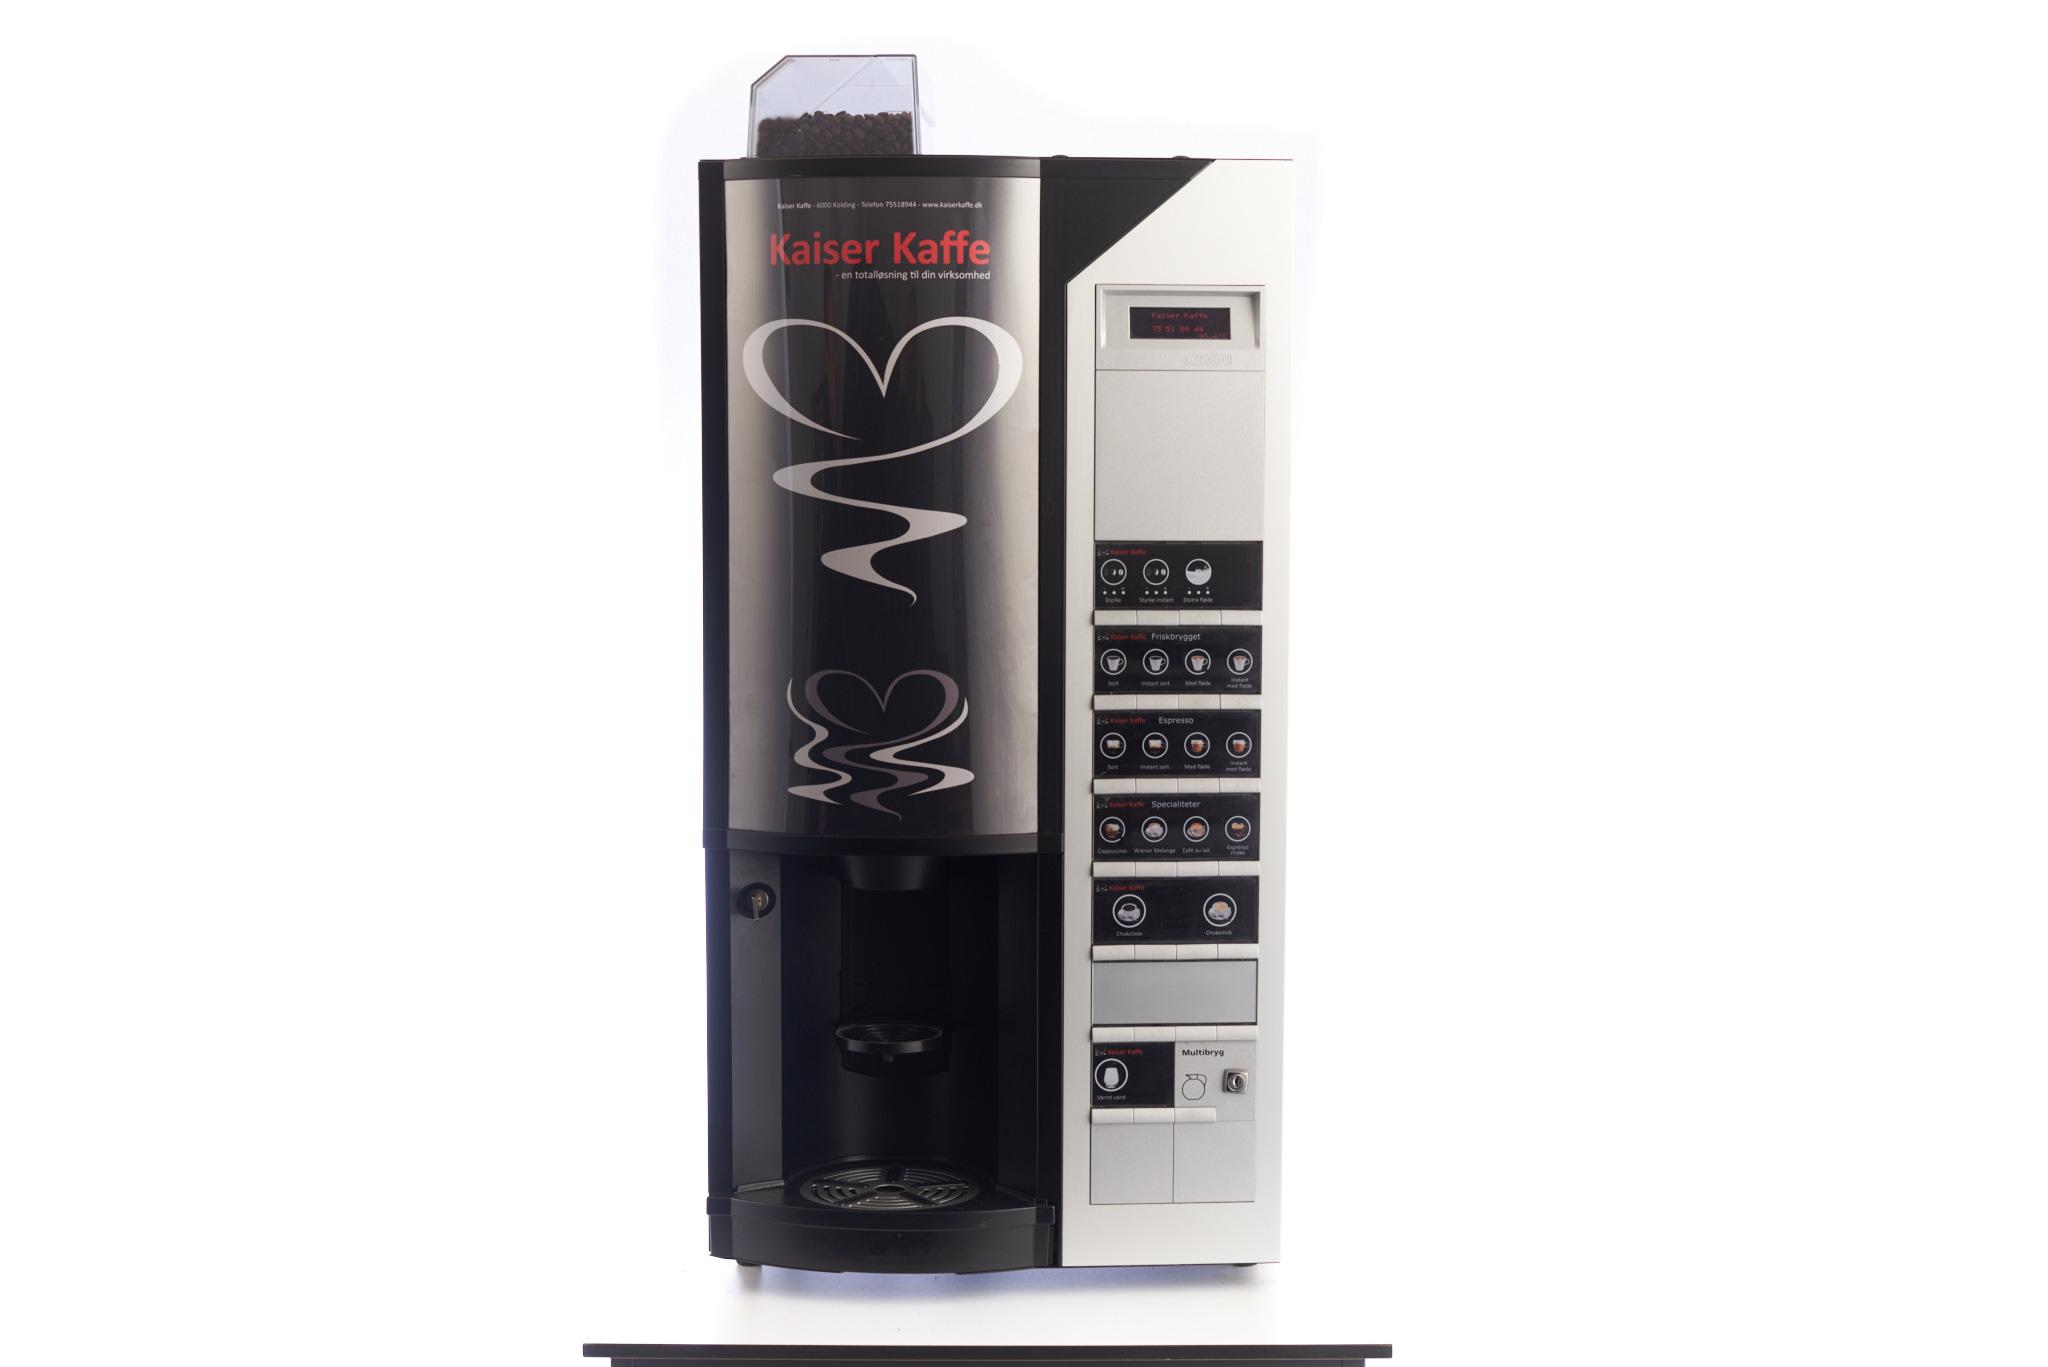 Kaiser Kaffe Wittenborg B2C7100 13151 - Produkt kategori